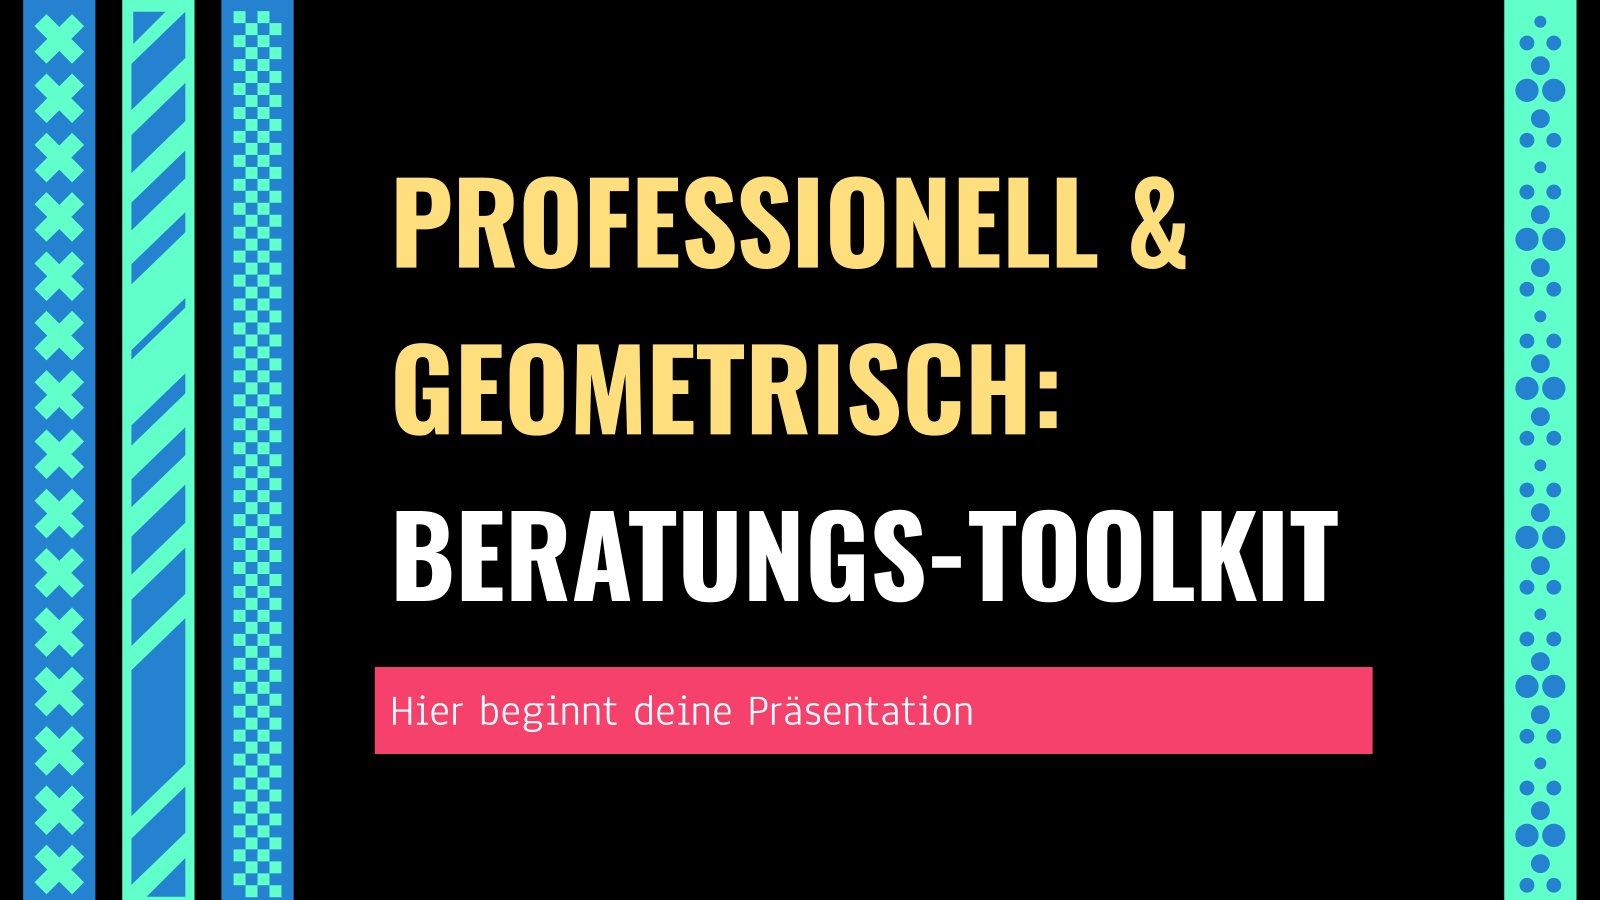 Plantilla de presentación Estilo profesional y geométrico: herramientas de consultoría